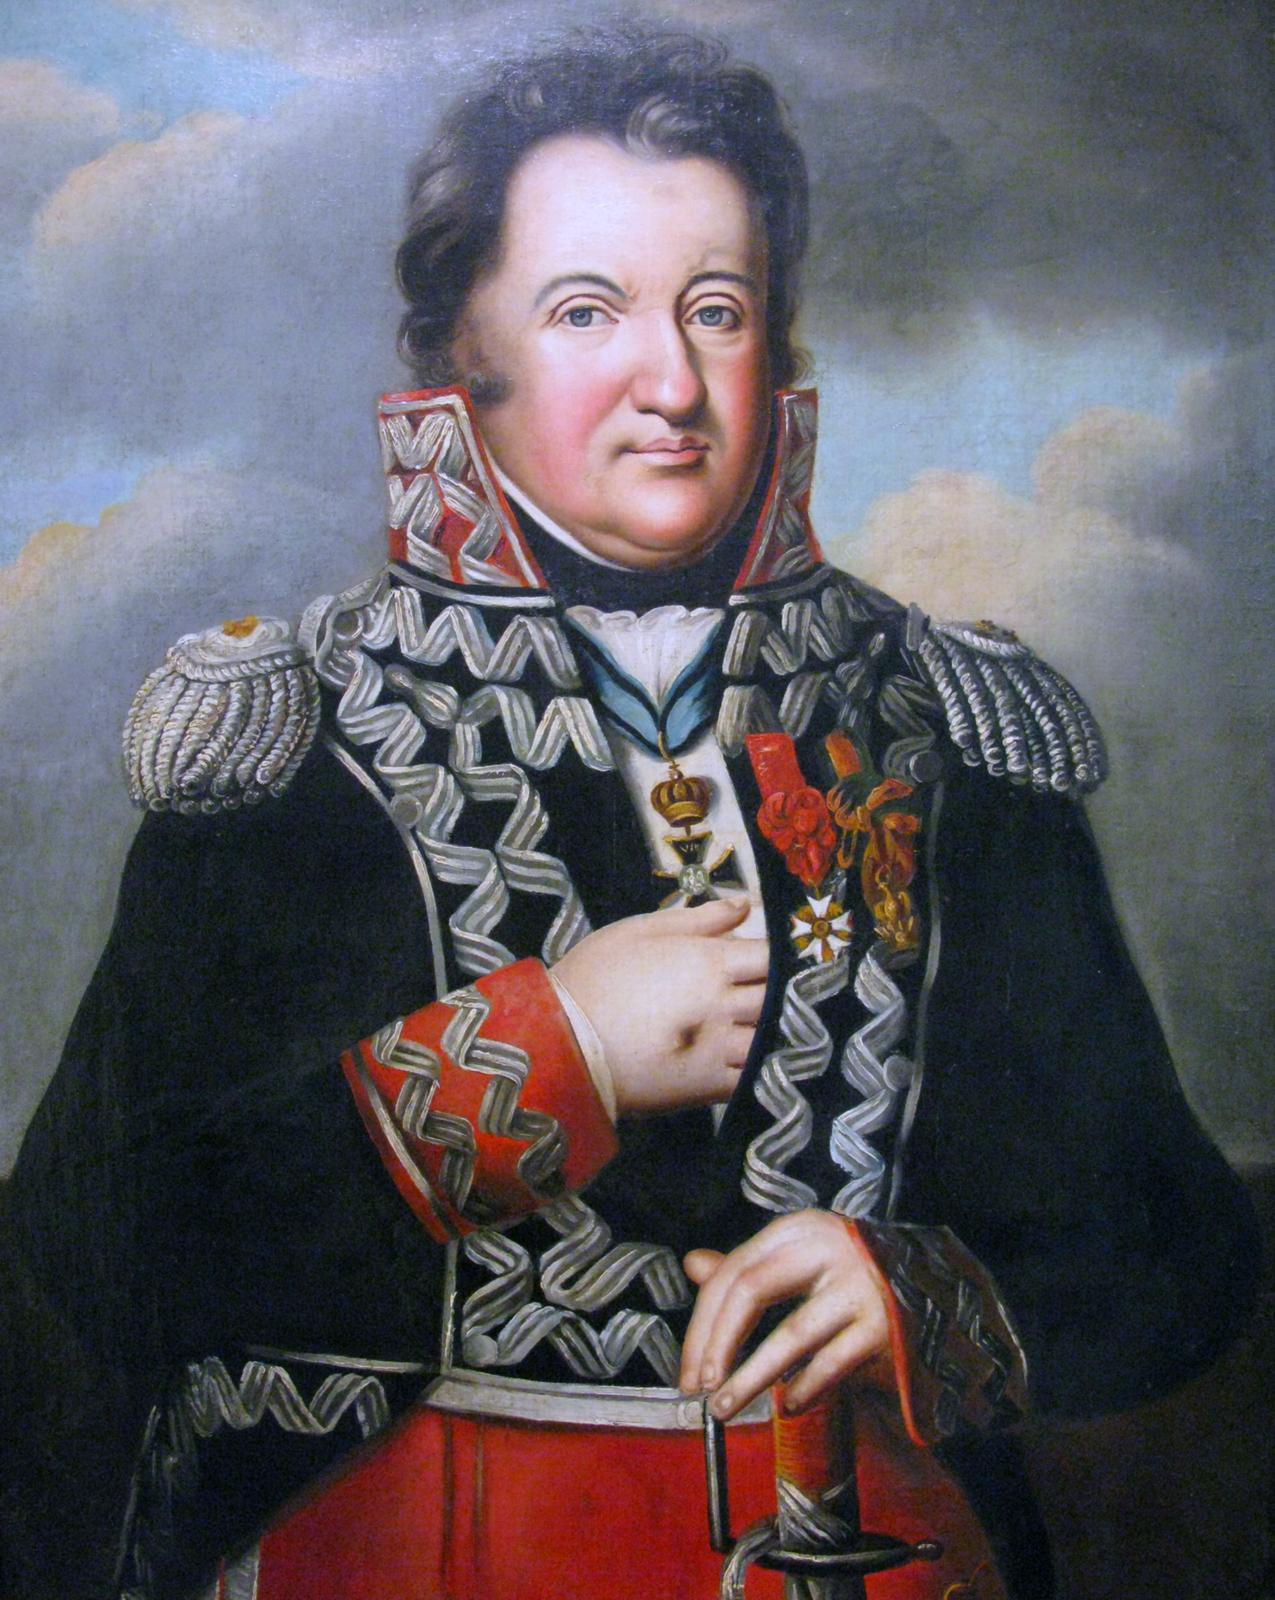 Jan Henryk Dąbrowski Źródło: nieznany Polak, Jan Henryk Dąbrowski, olej na płótnie , Polish Army Museum, domena publiczna.